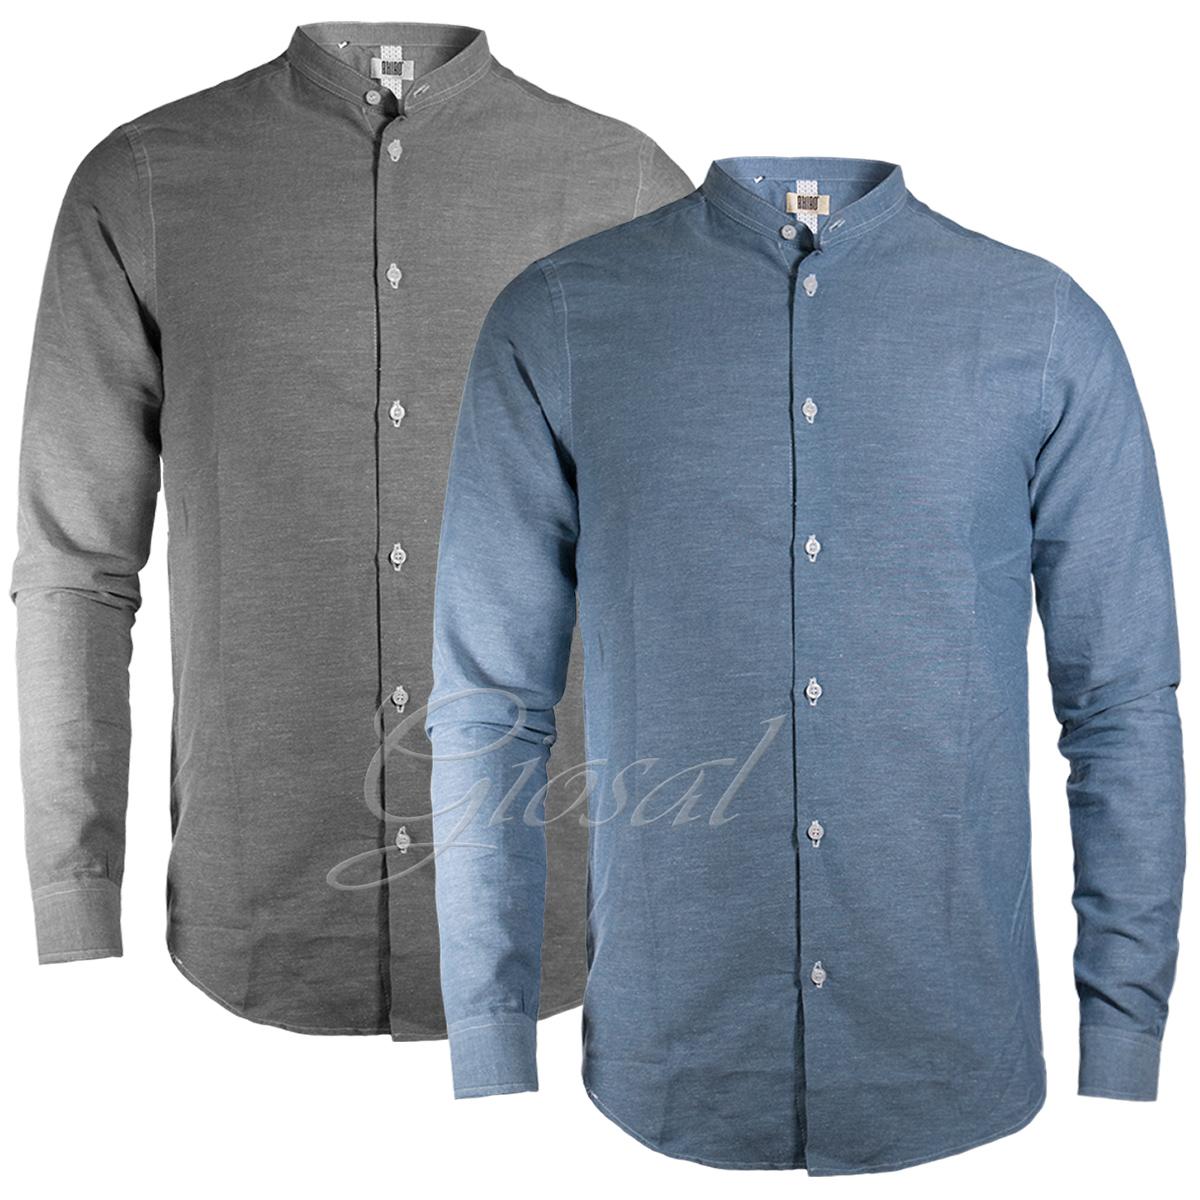 Latest Collection Of Camicia Uomo Akirò Lino Cotone Collo Coreano Due Colori Giosal Mild And Mellow Shirts